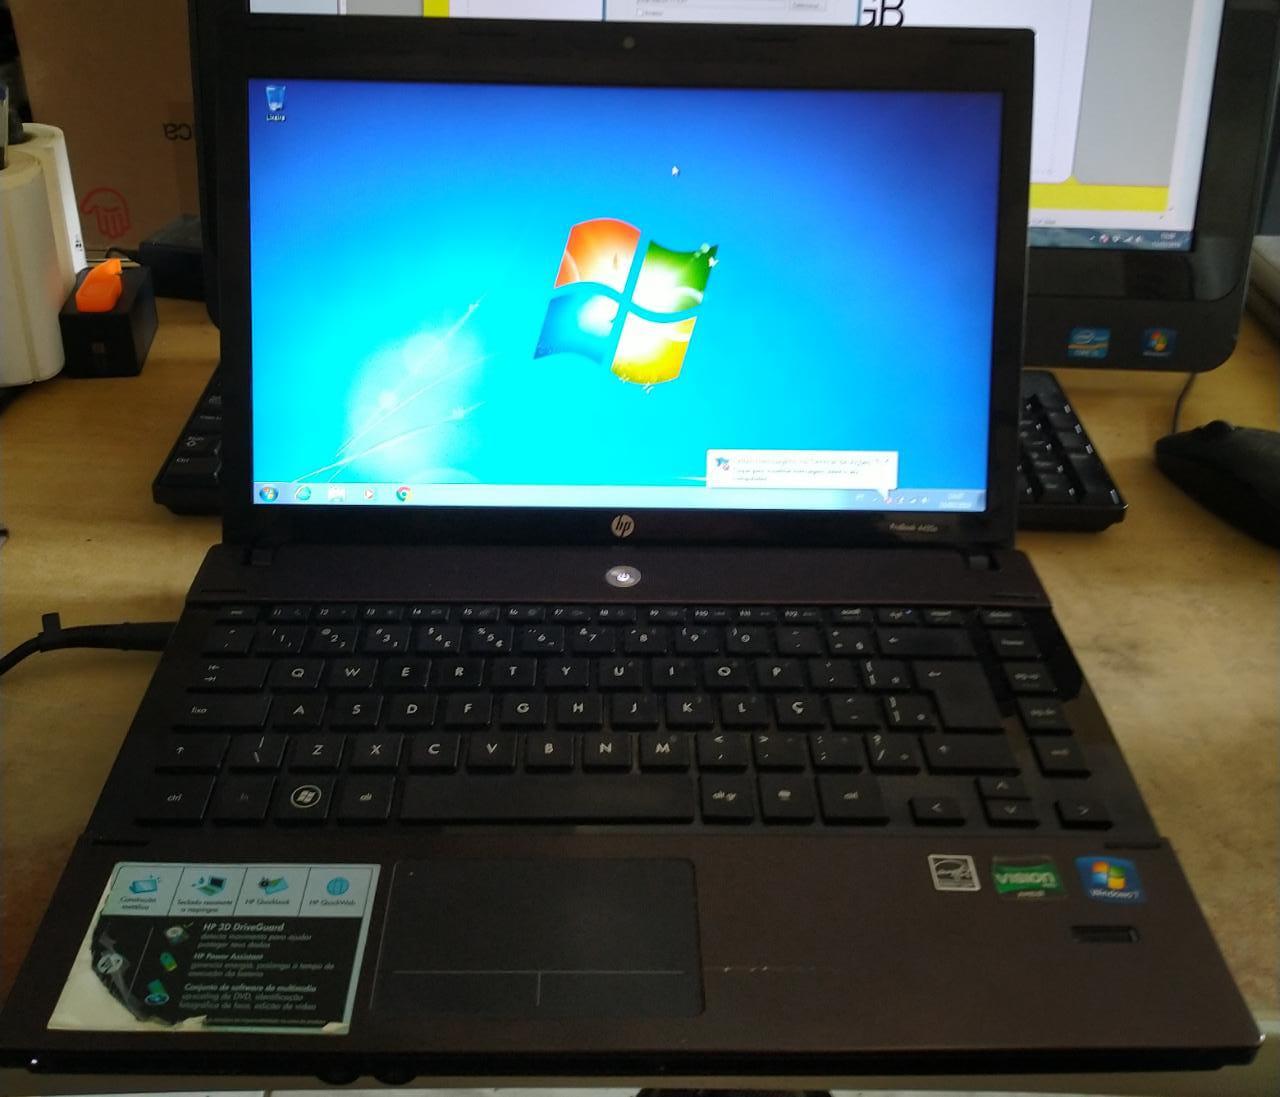 Notebook HP Probook 4425s